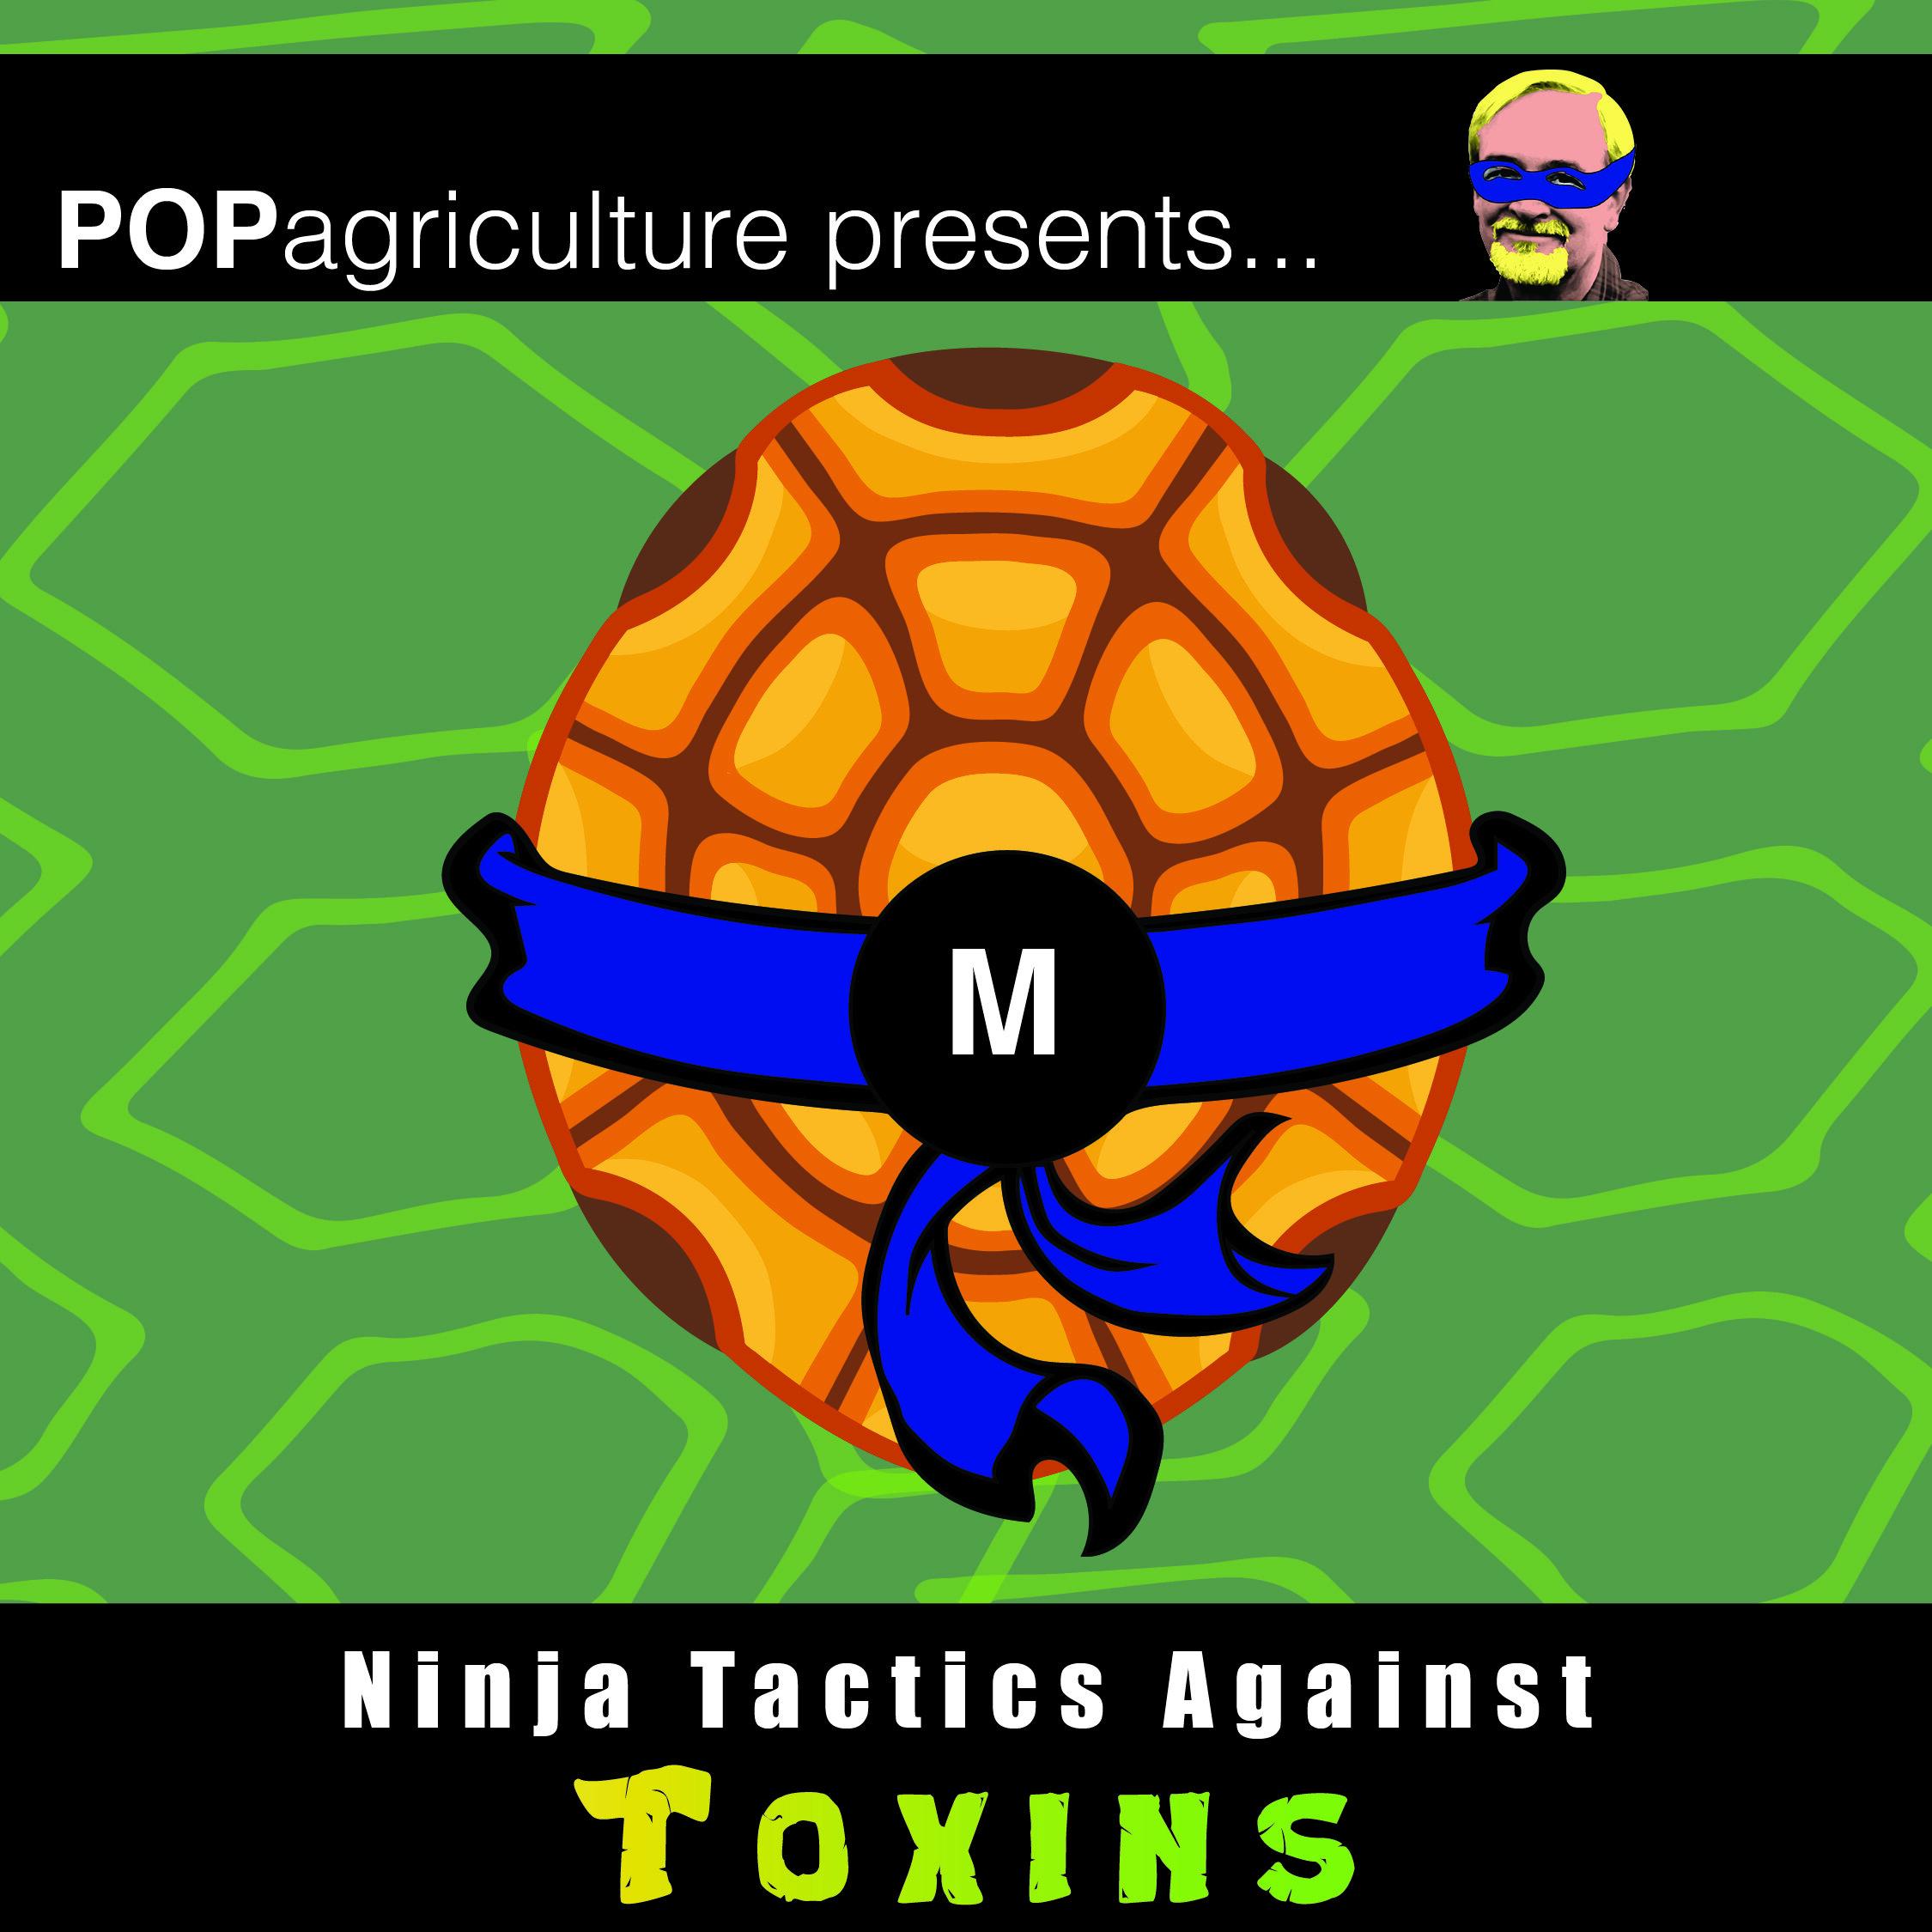 Mycotoxins.jpg